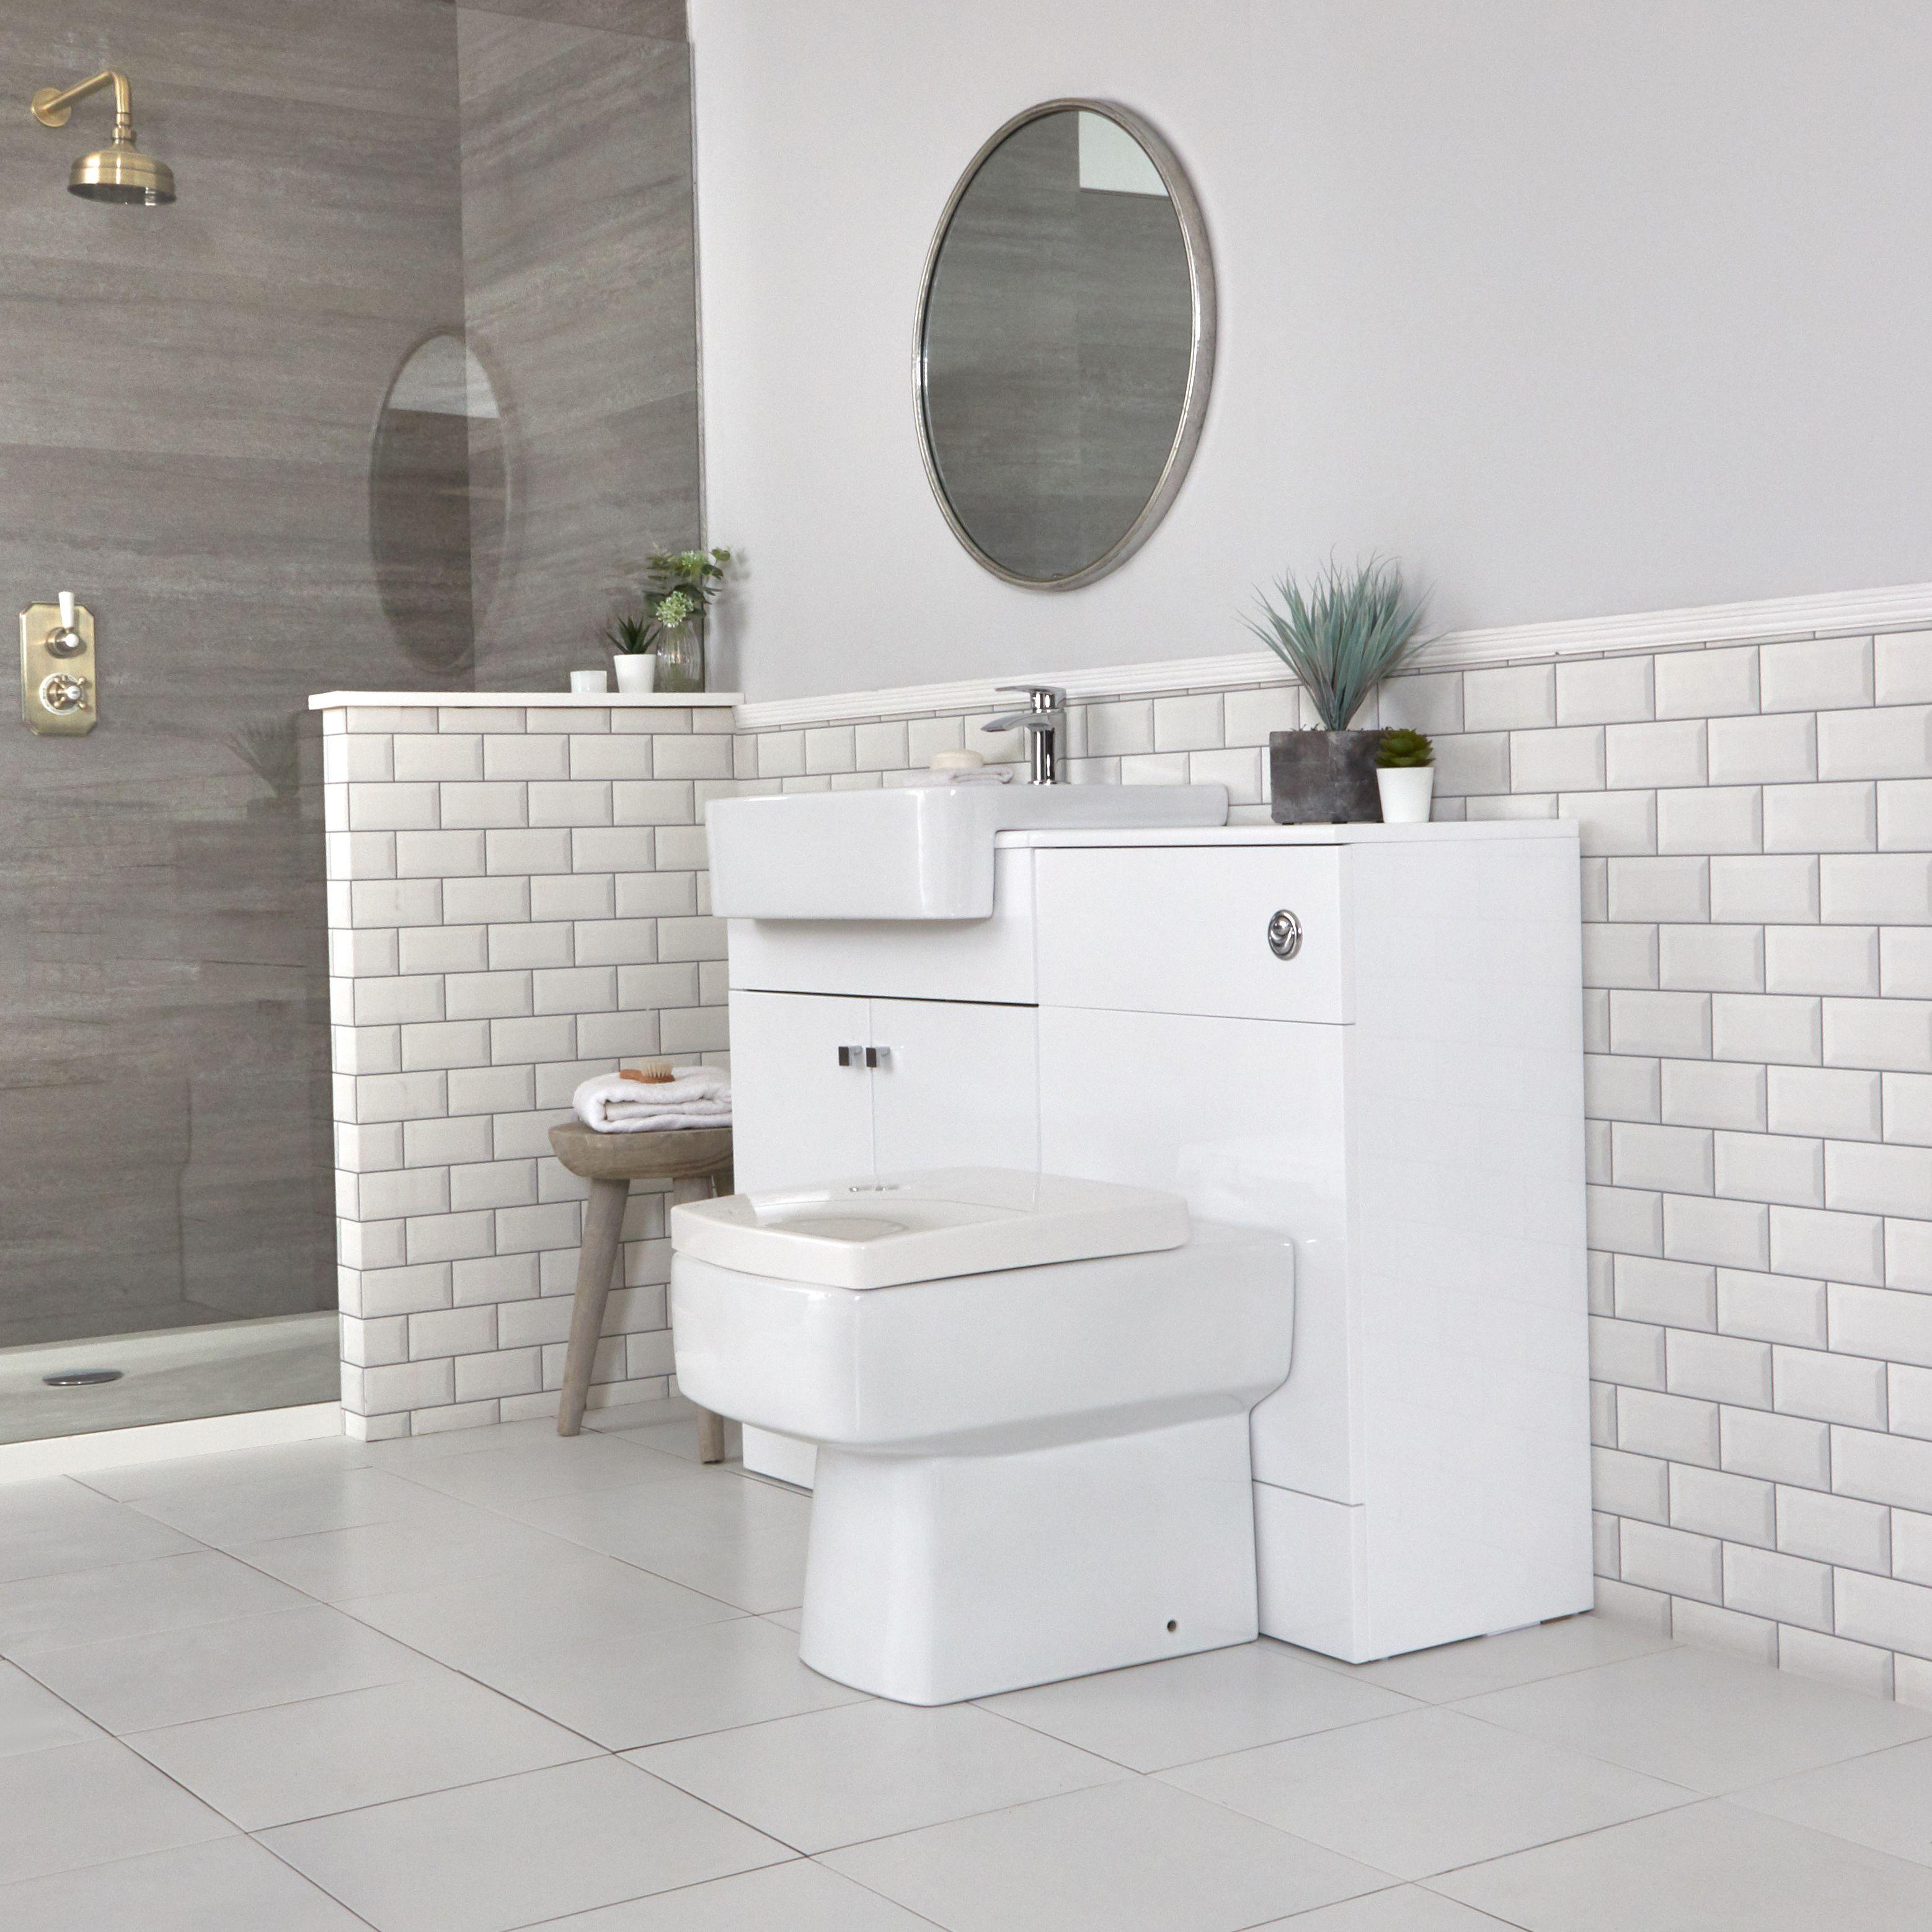 Toilette Blanc Et Gris meuble-lavabo et pack wc – blanc – 117 cm - atticus